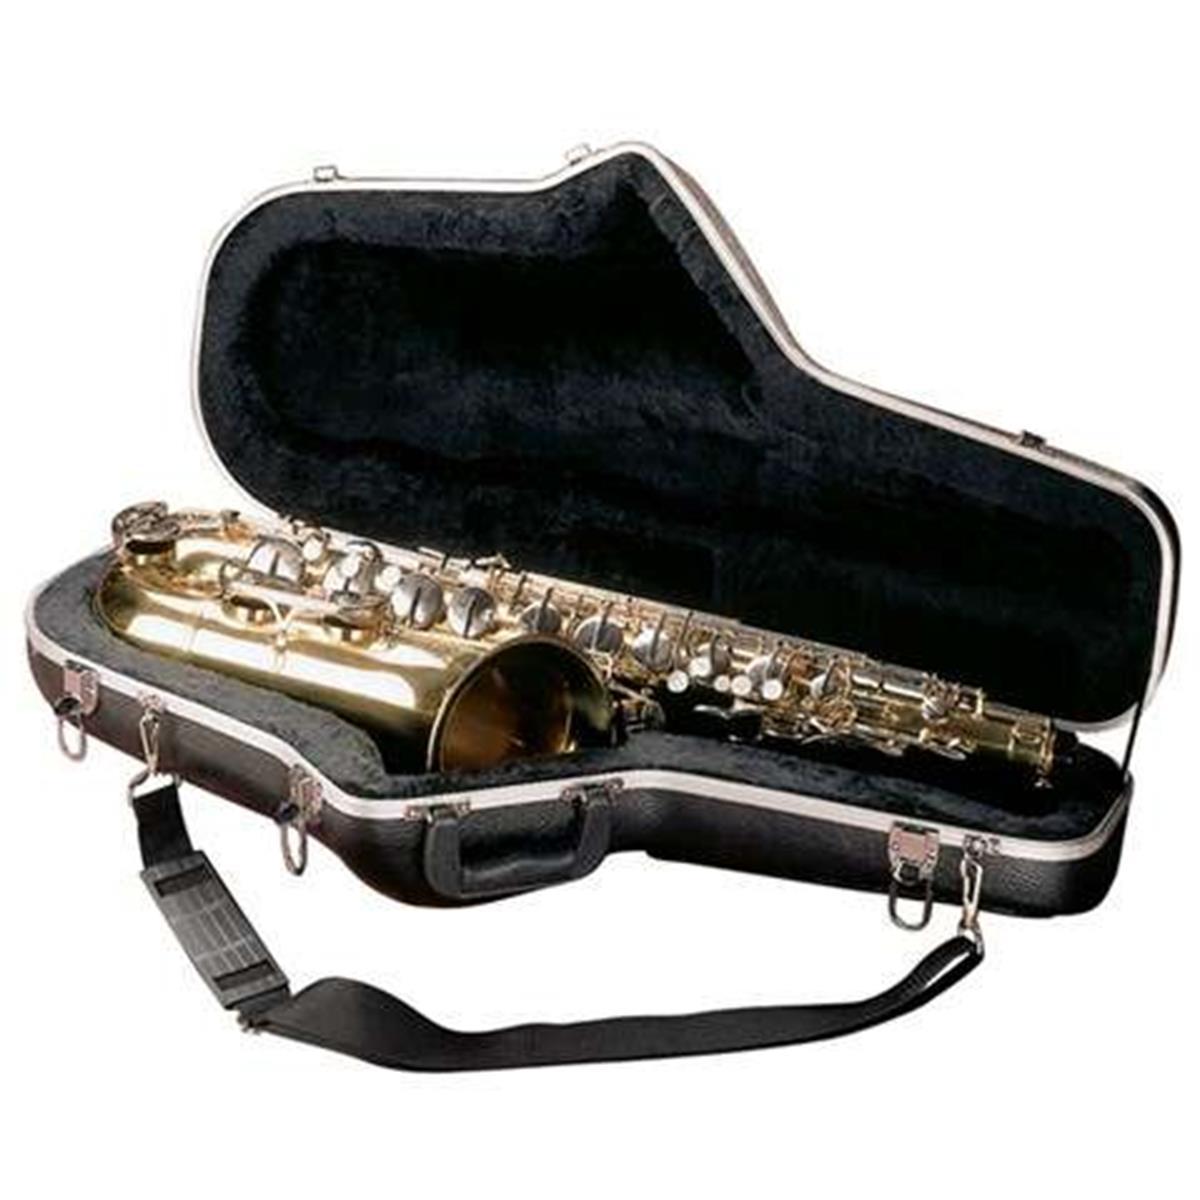 Gator GC-TENOR SAX - astuccio per sax tenore